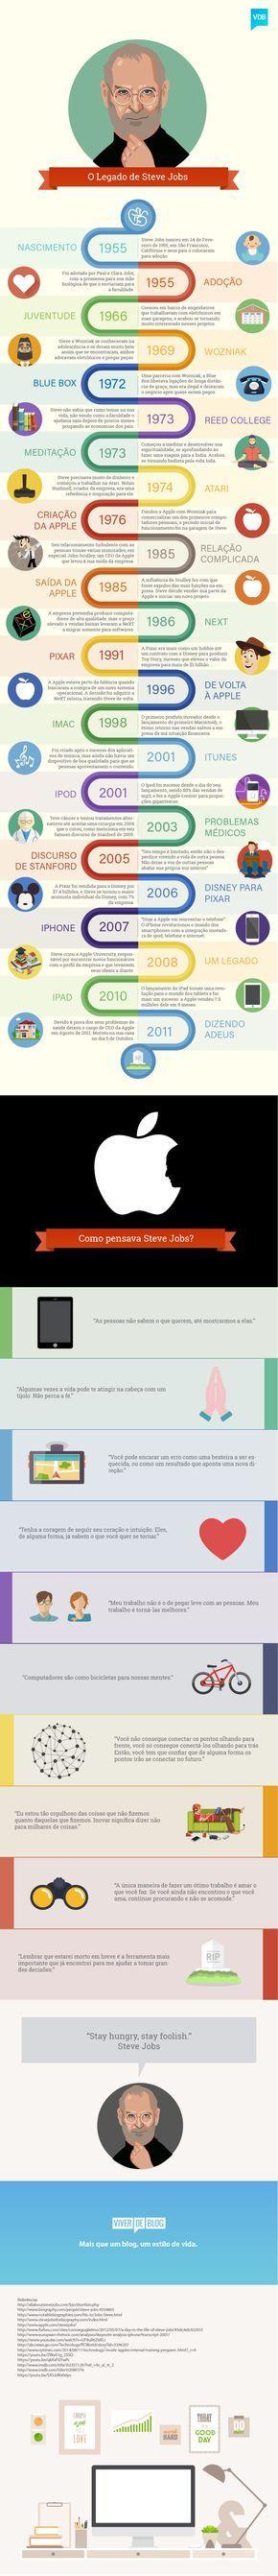 O Legado De Steve Jobs: Inovação, Empreendedorismo E Uma Maçã Que Mudaram O Mundo